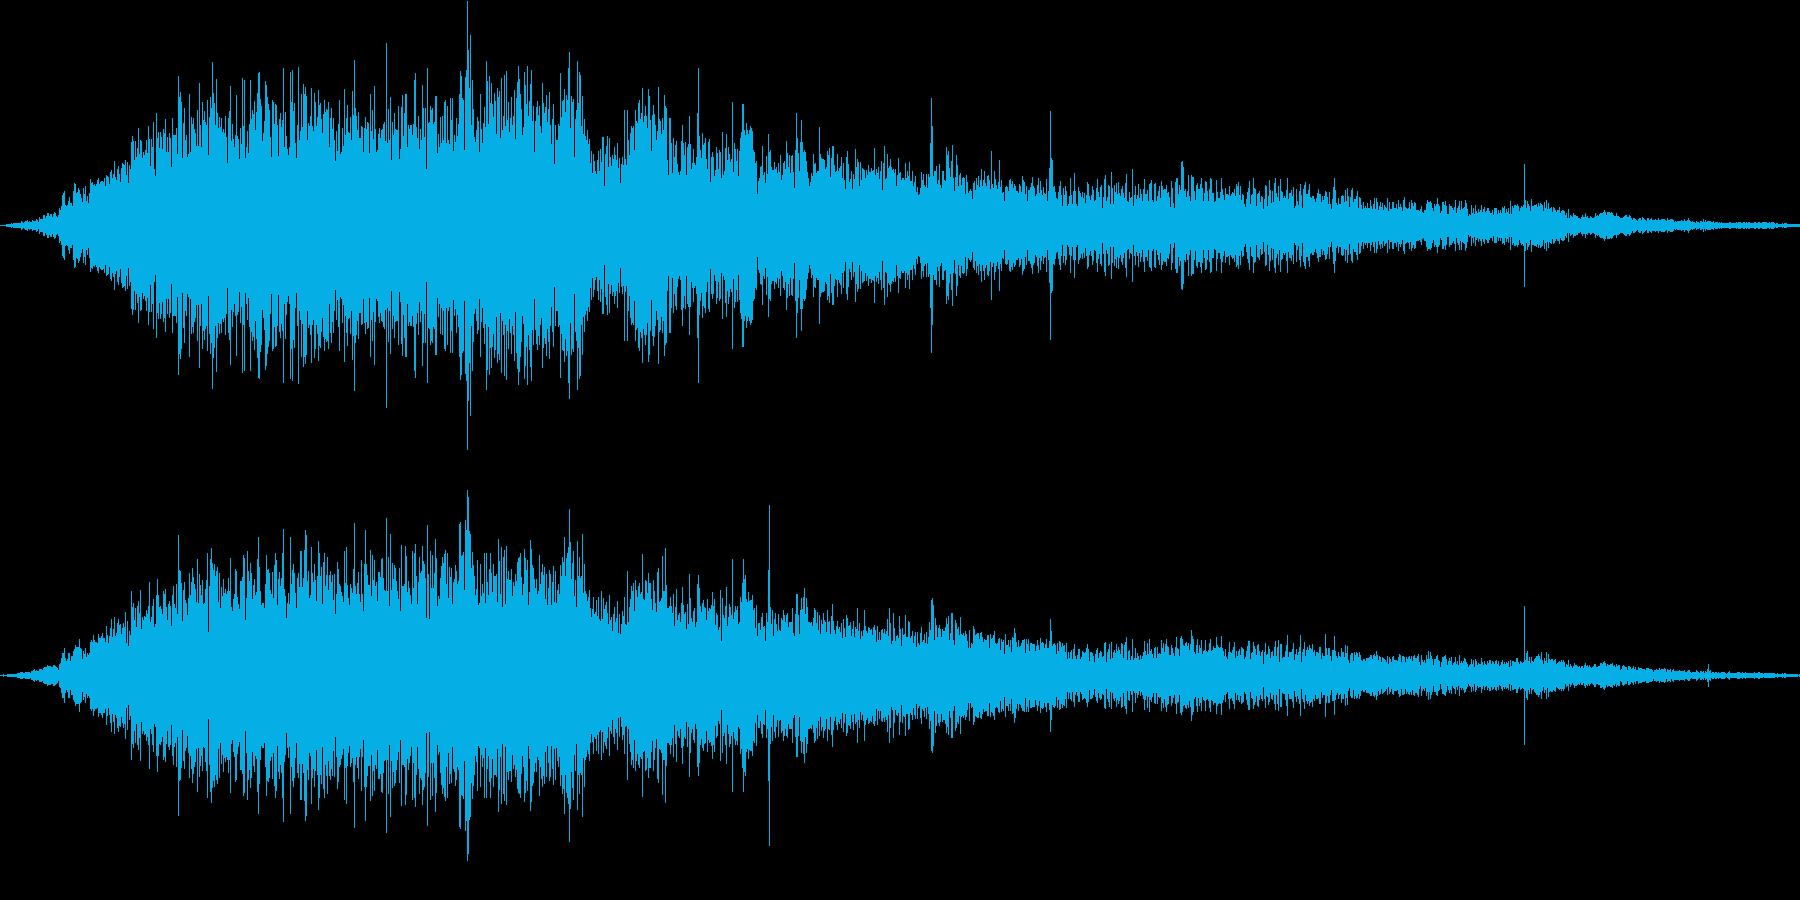 「わぁーーっ♪」の再生済みの波形